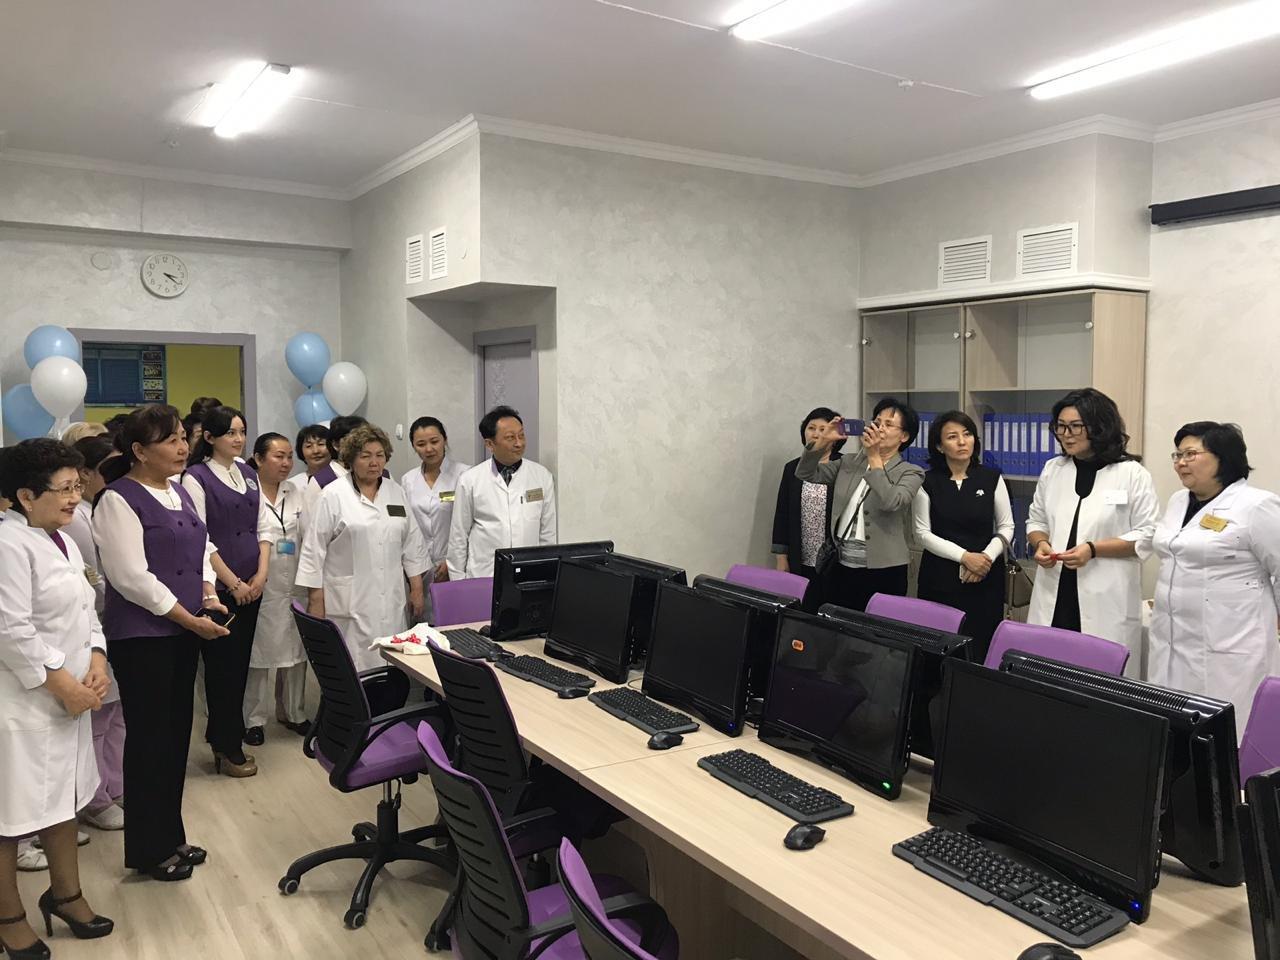 В поликлинике Алматы создали ситуационный центр, фото-1